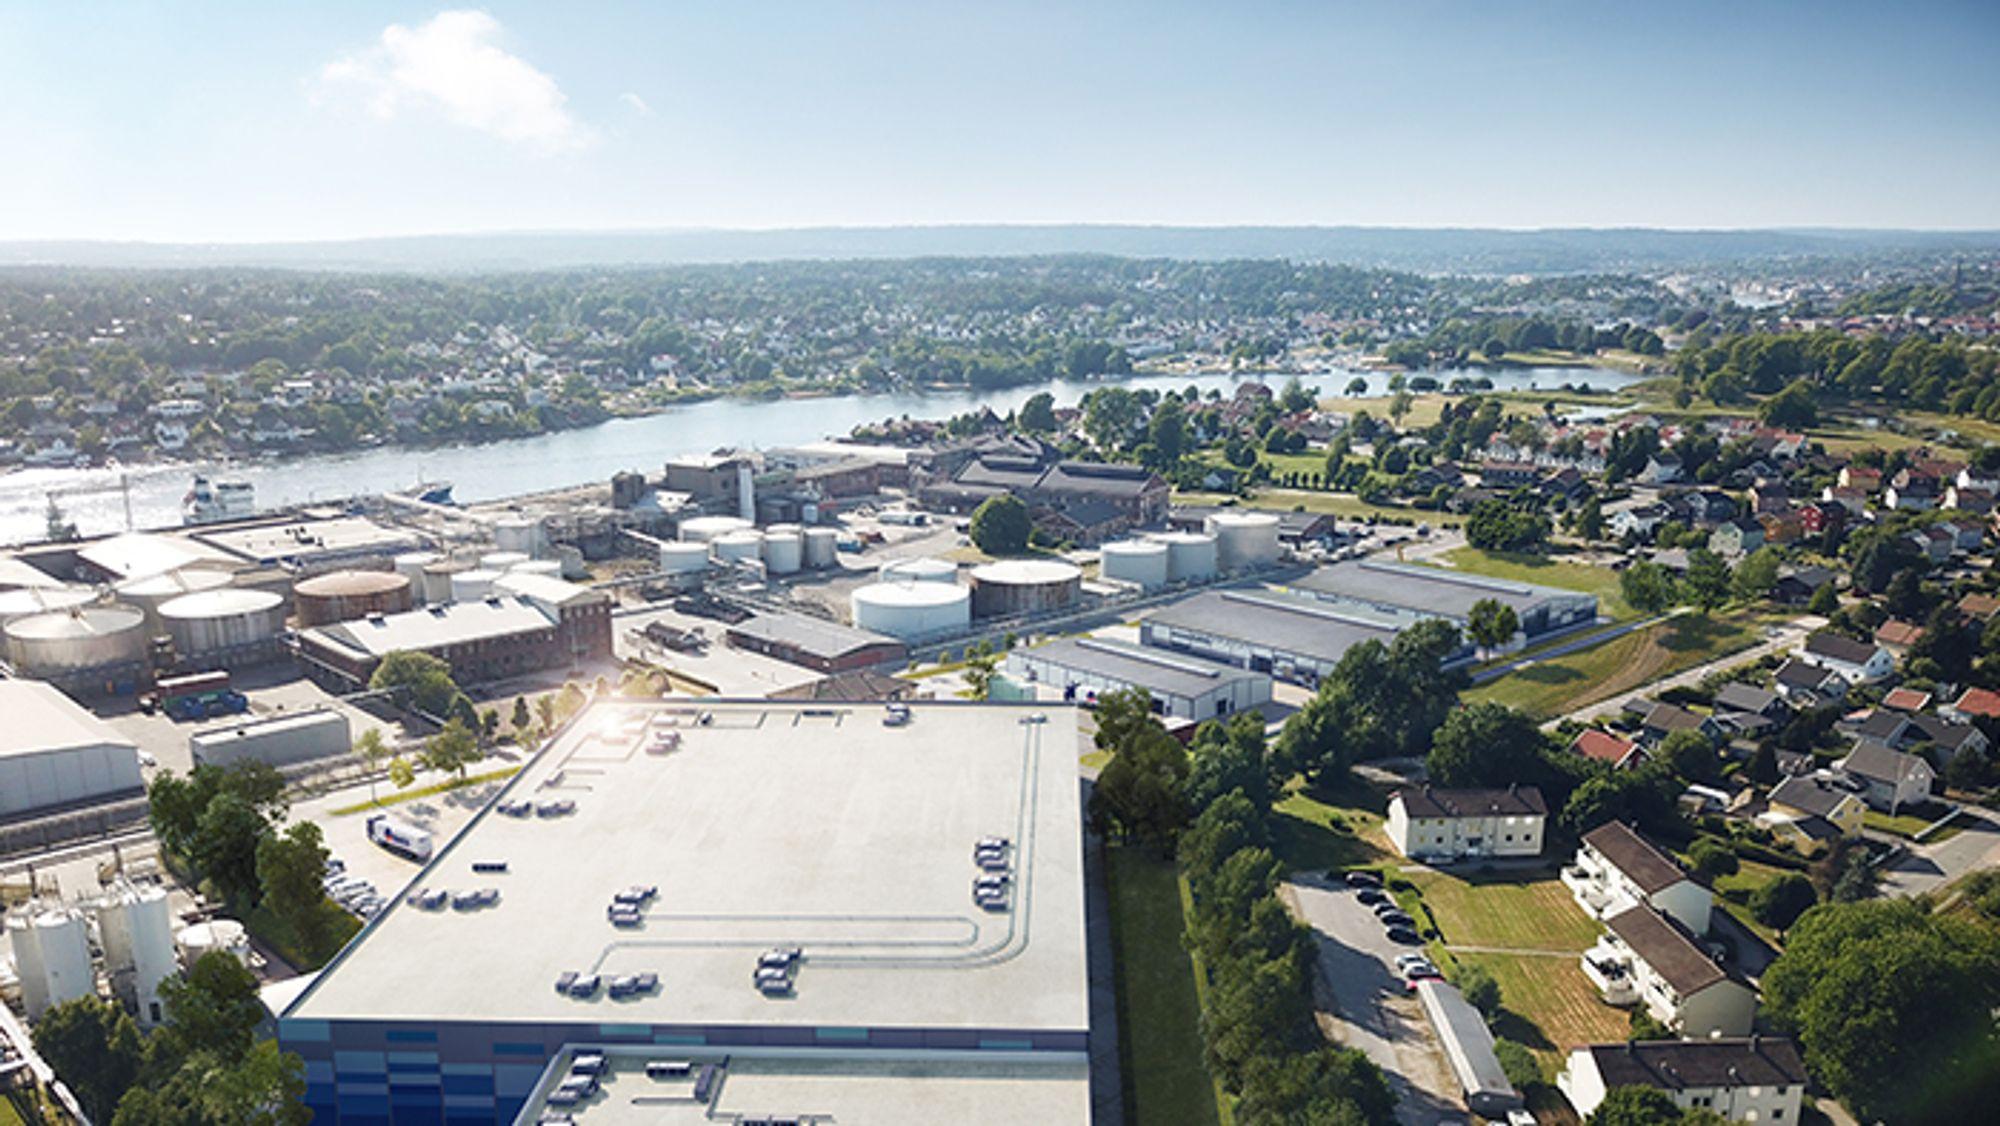 Her skal Norges første – og Europas største – landbaserte oppdrettsanlegg starte produksjonen i desember.